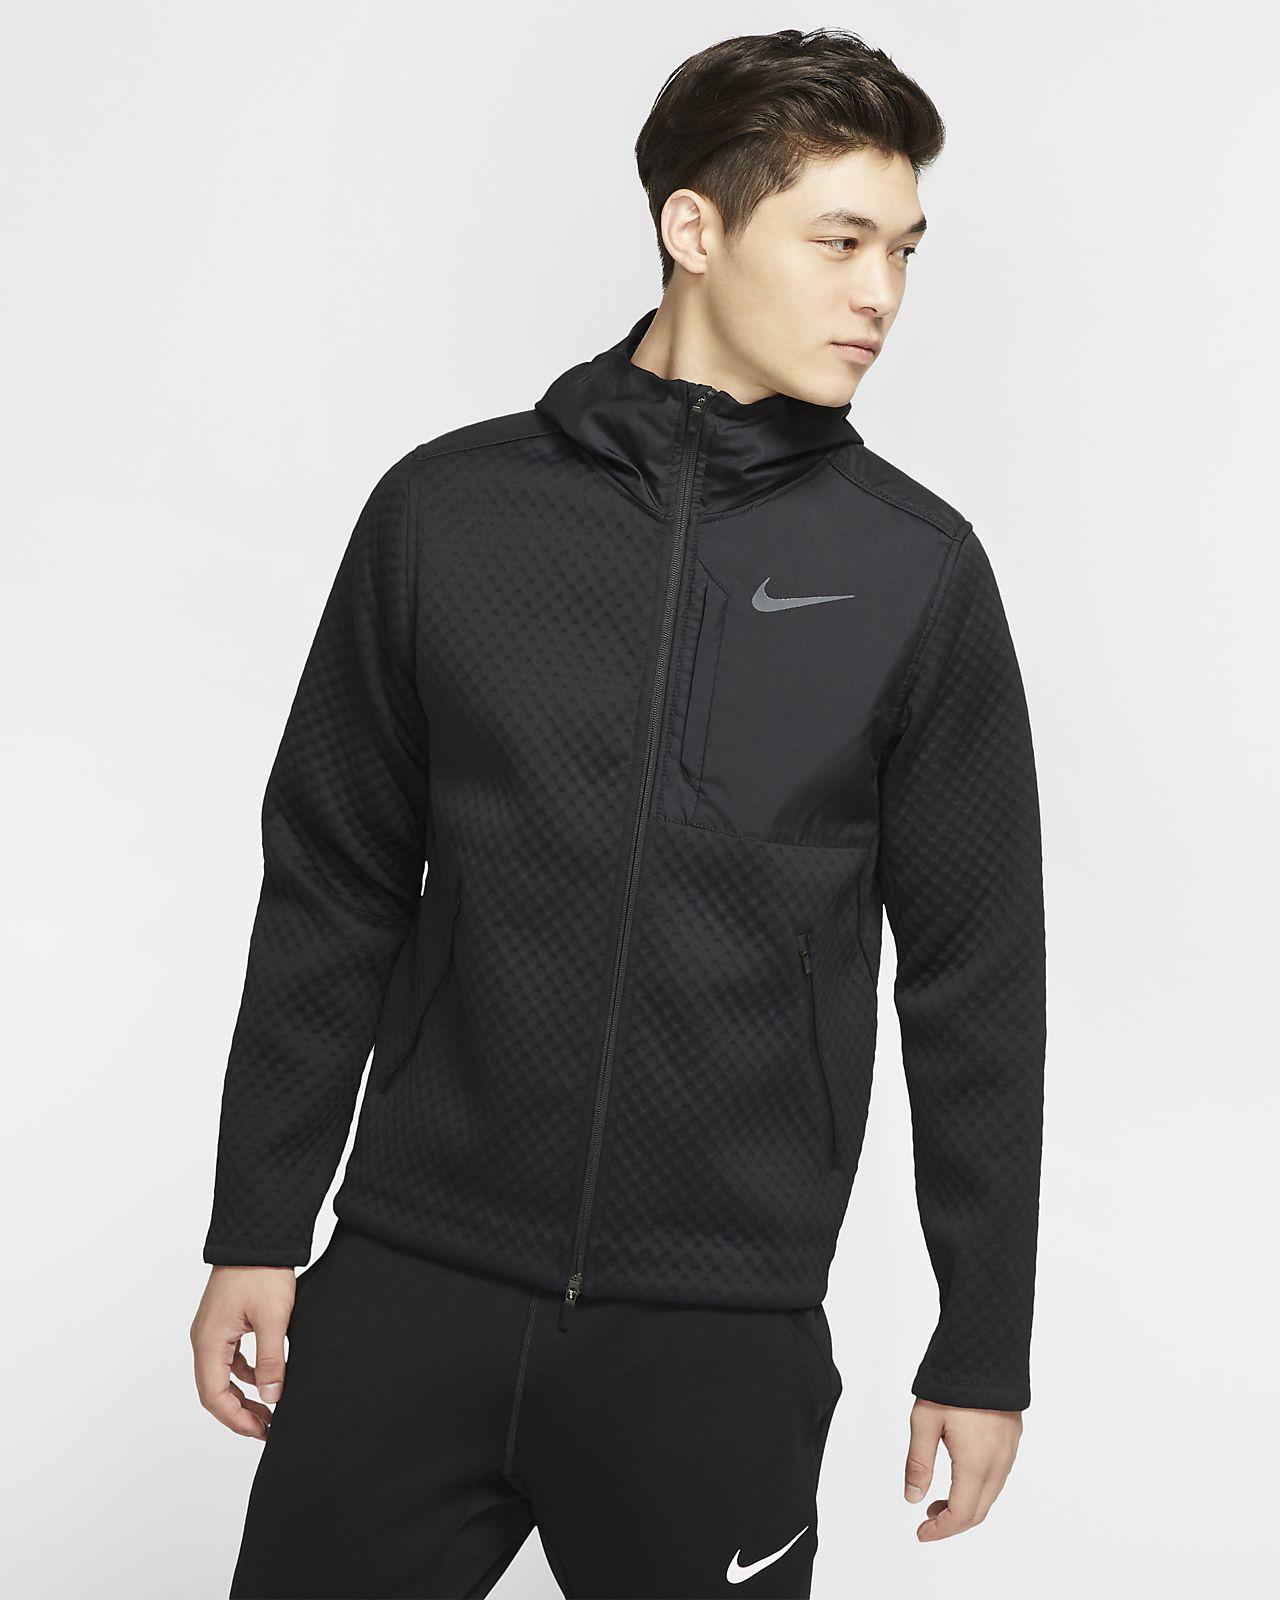 Nike Therma Herren-Trainingsjacke mit Kapuze und durchgehendem Reißverschluss